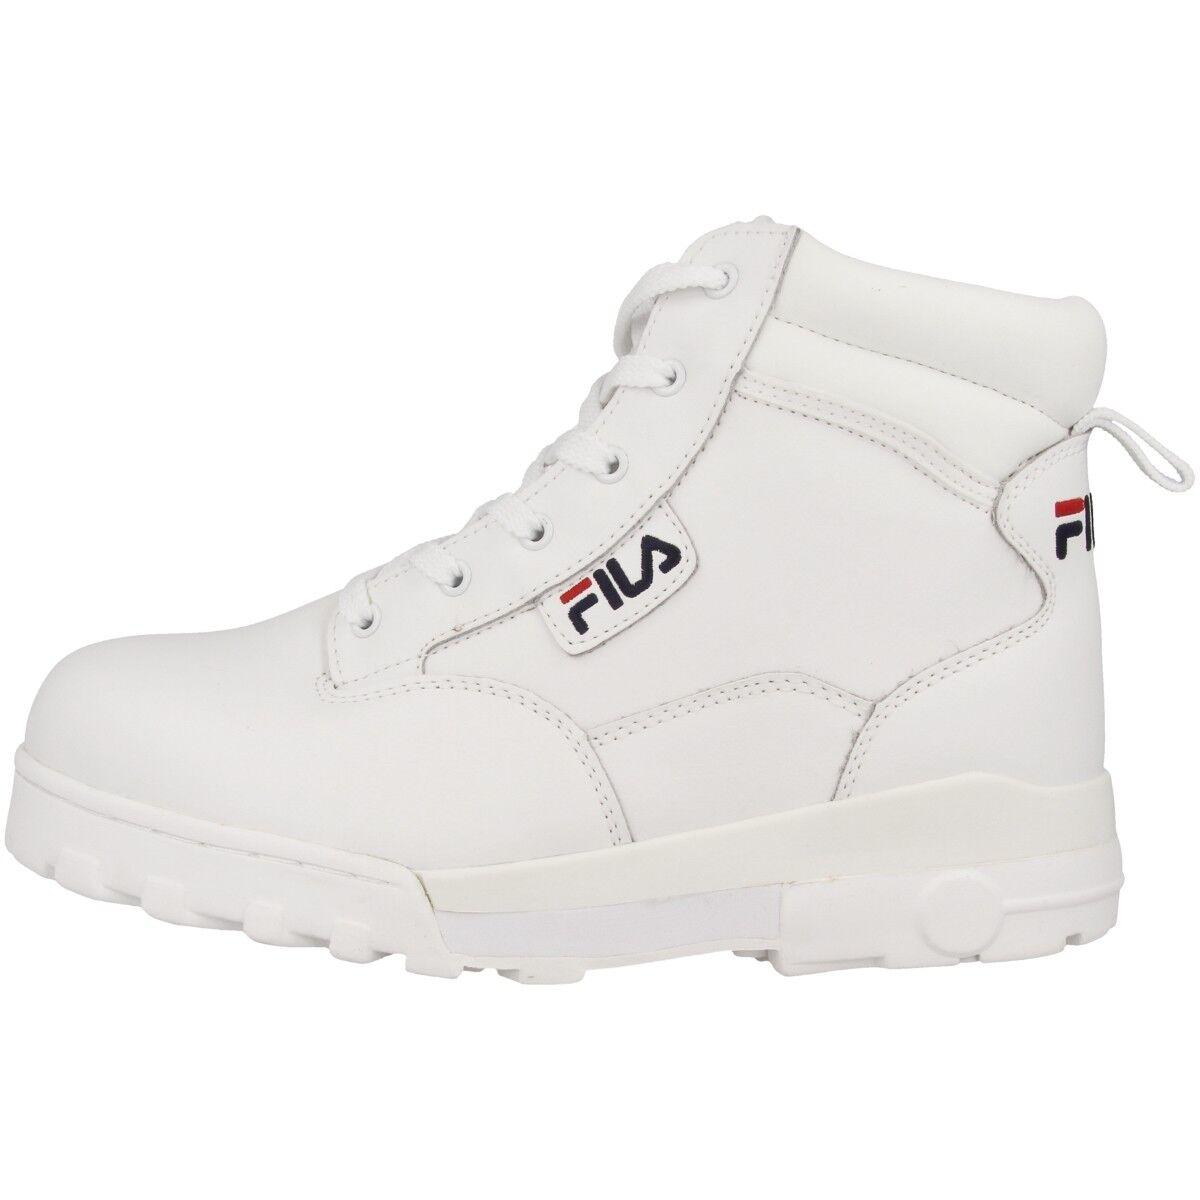 Fila Grunge L Mid Schuhe Outdoor Stiefel Retro Hiking Stiefel Weiß 1010249.1FG